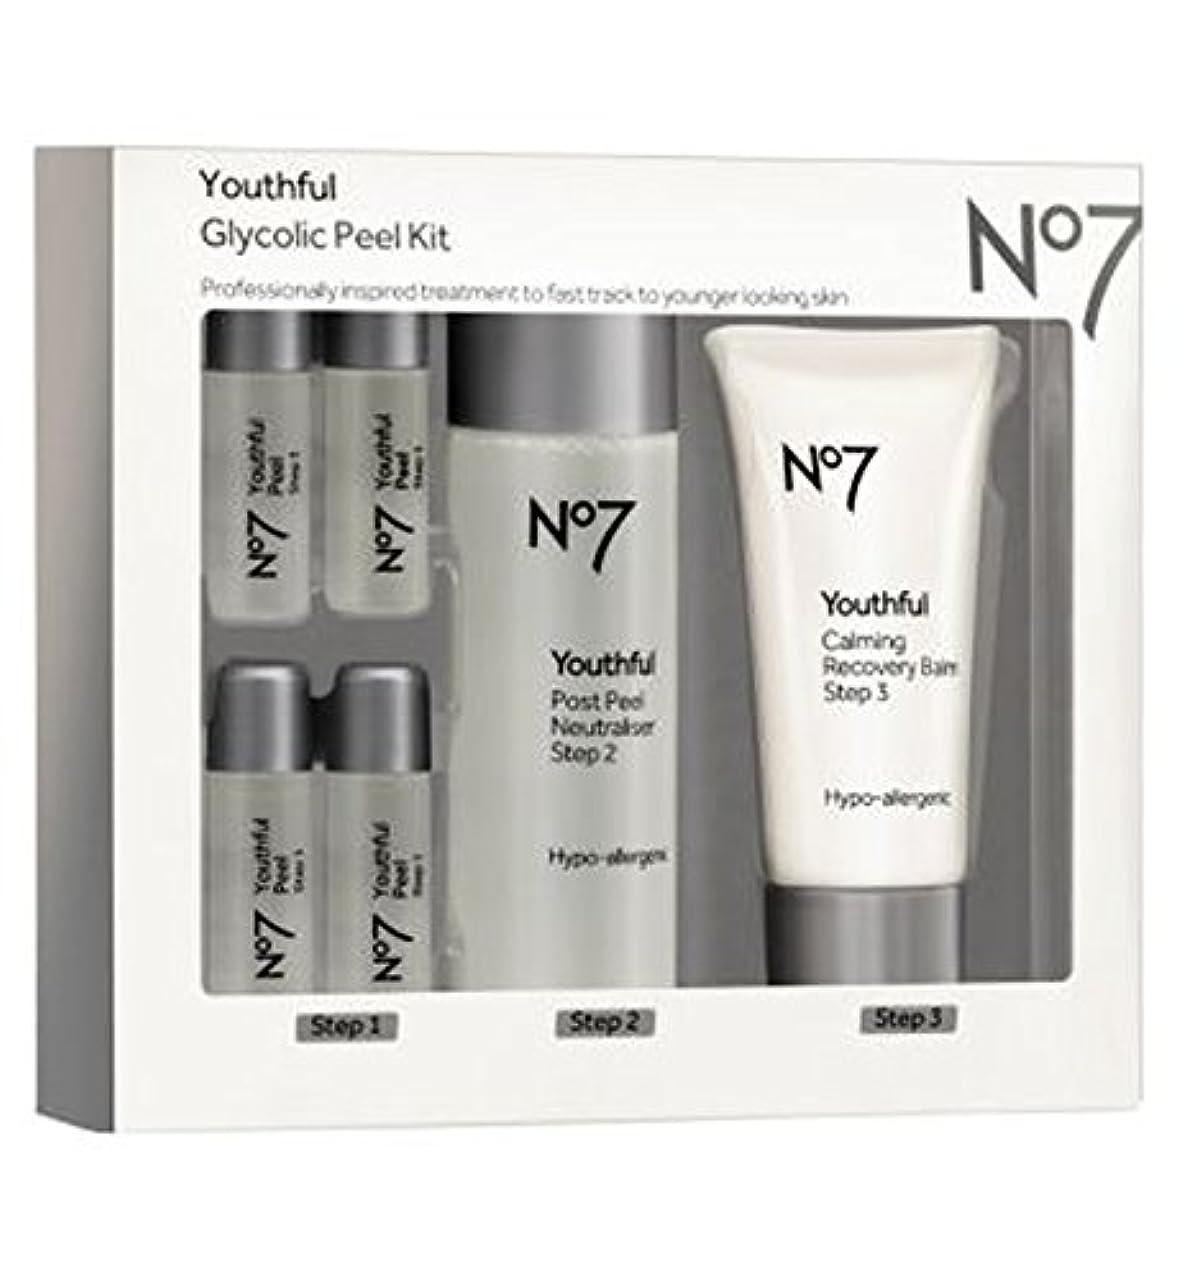 助言する編集する夕暮れNo7若々しいグリコールピールキット (No7) (x2) - No7 Youthful Glycolic Peel Kit (Pack of 2) [並行輸入品]